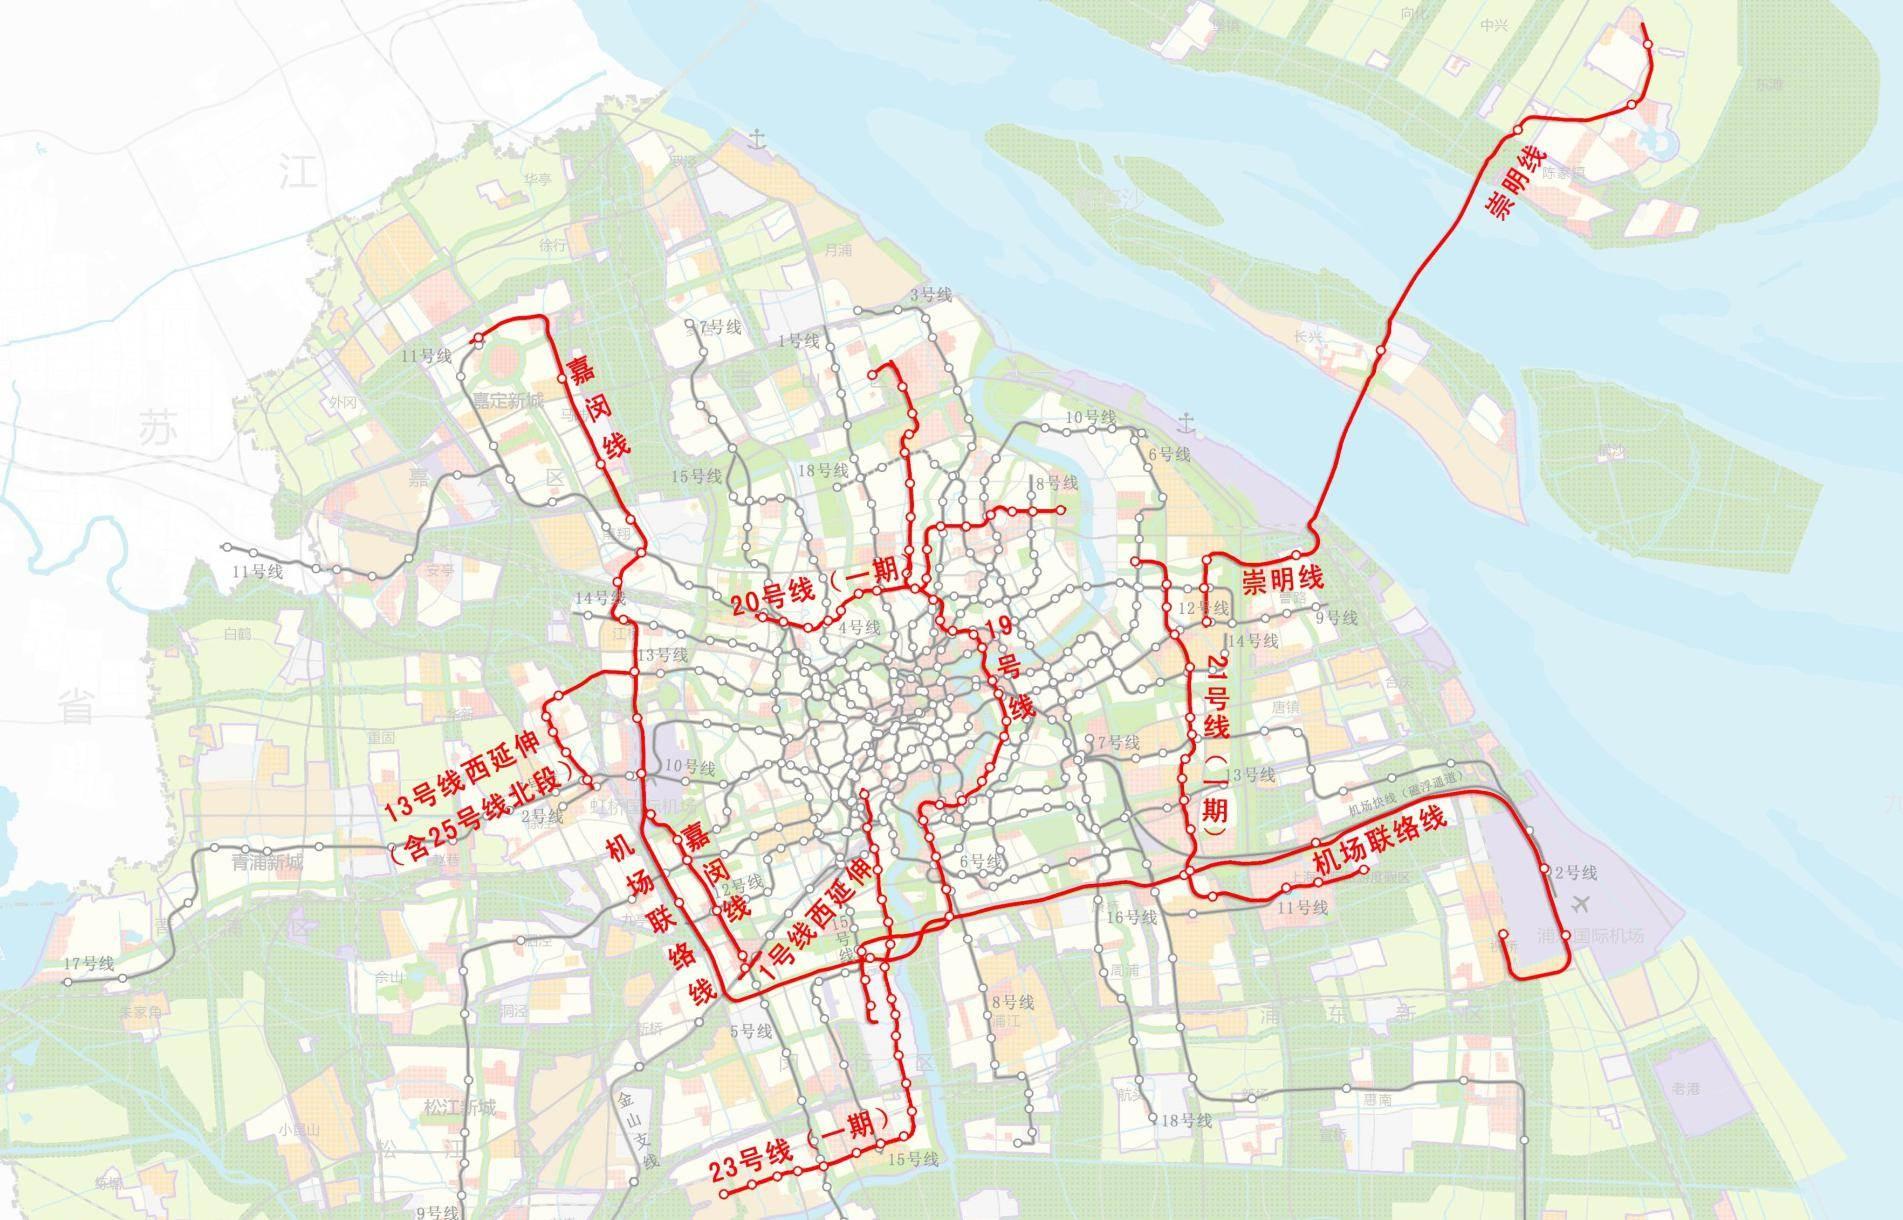 上海市城市轨道交通第三期(2018-2023年)建设规划